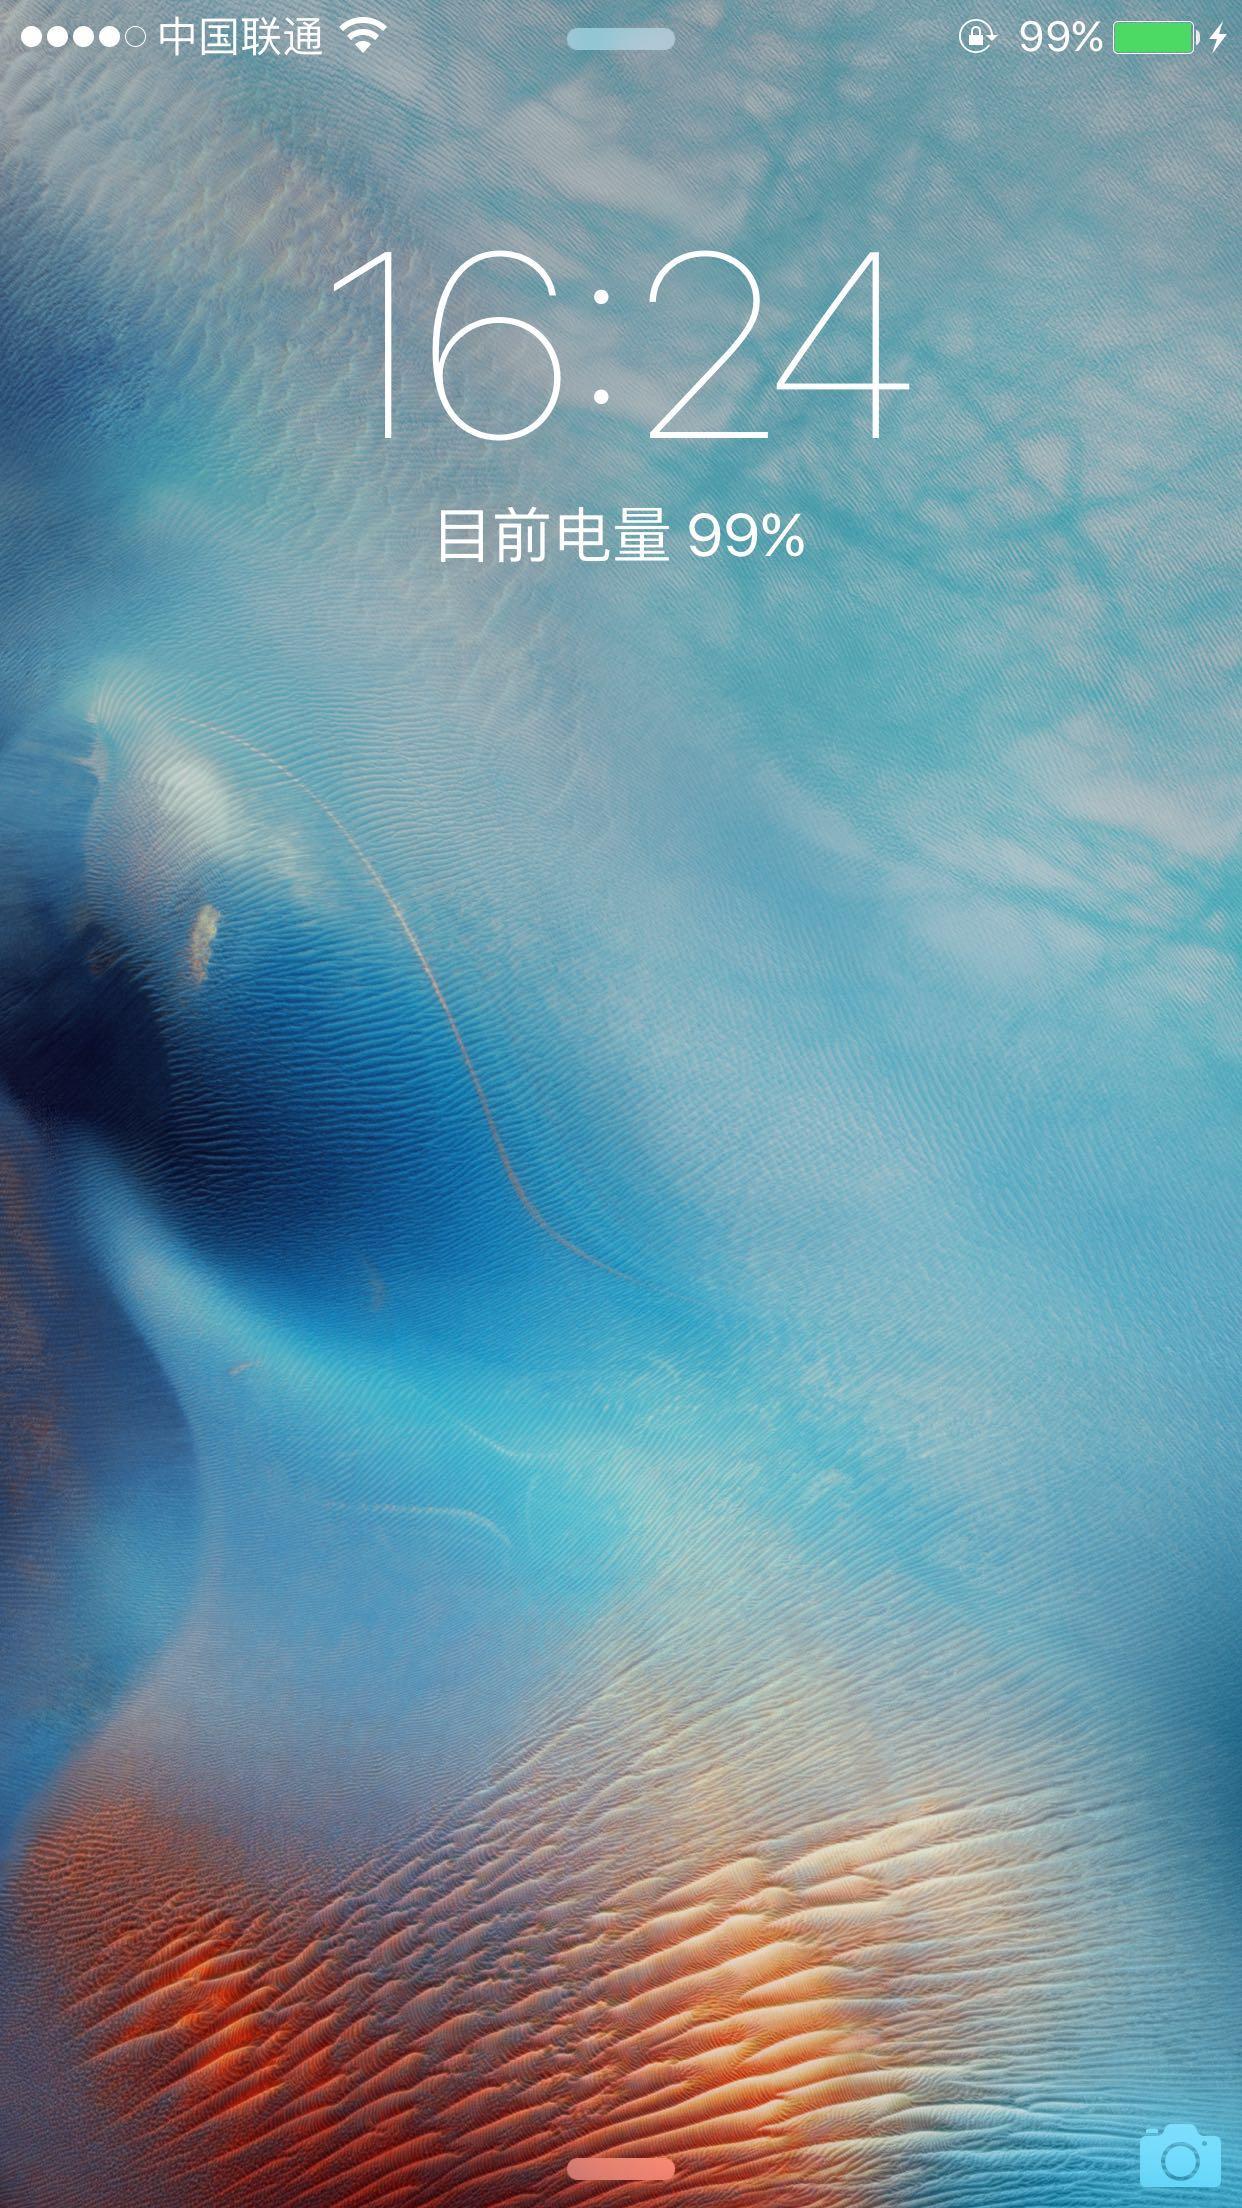 苹果6s充电的时候锁屏有显示吗图片